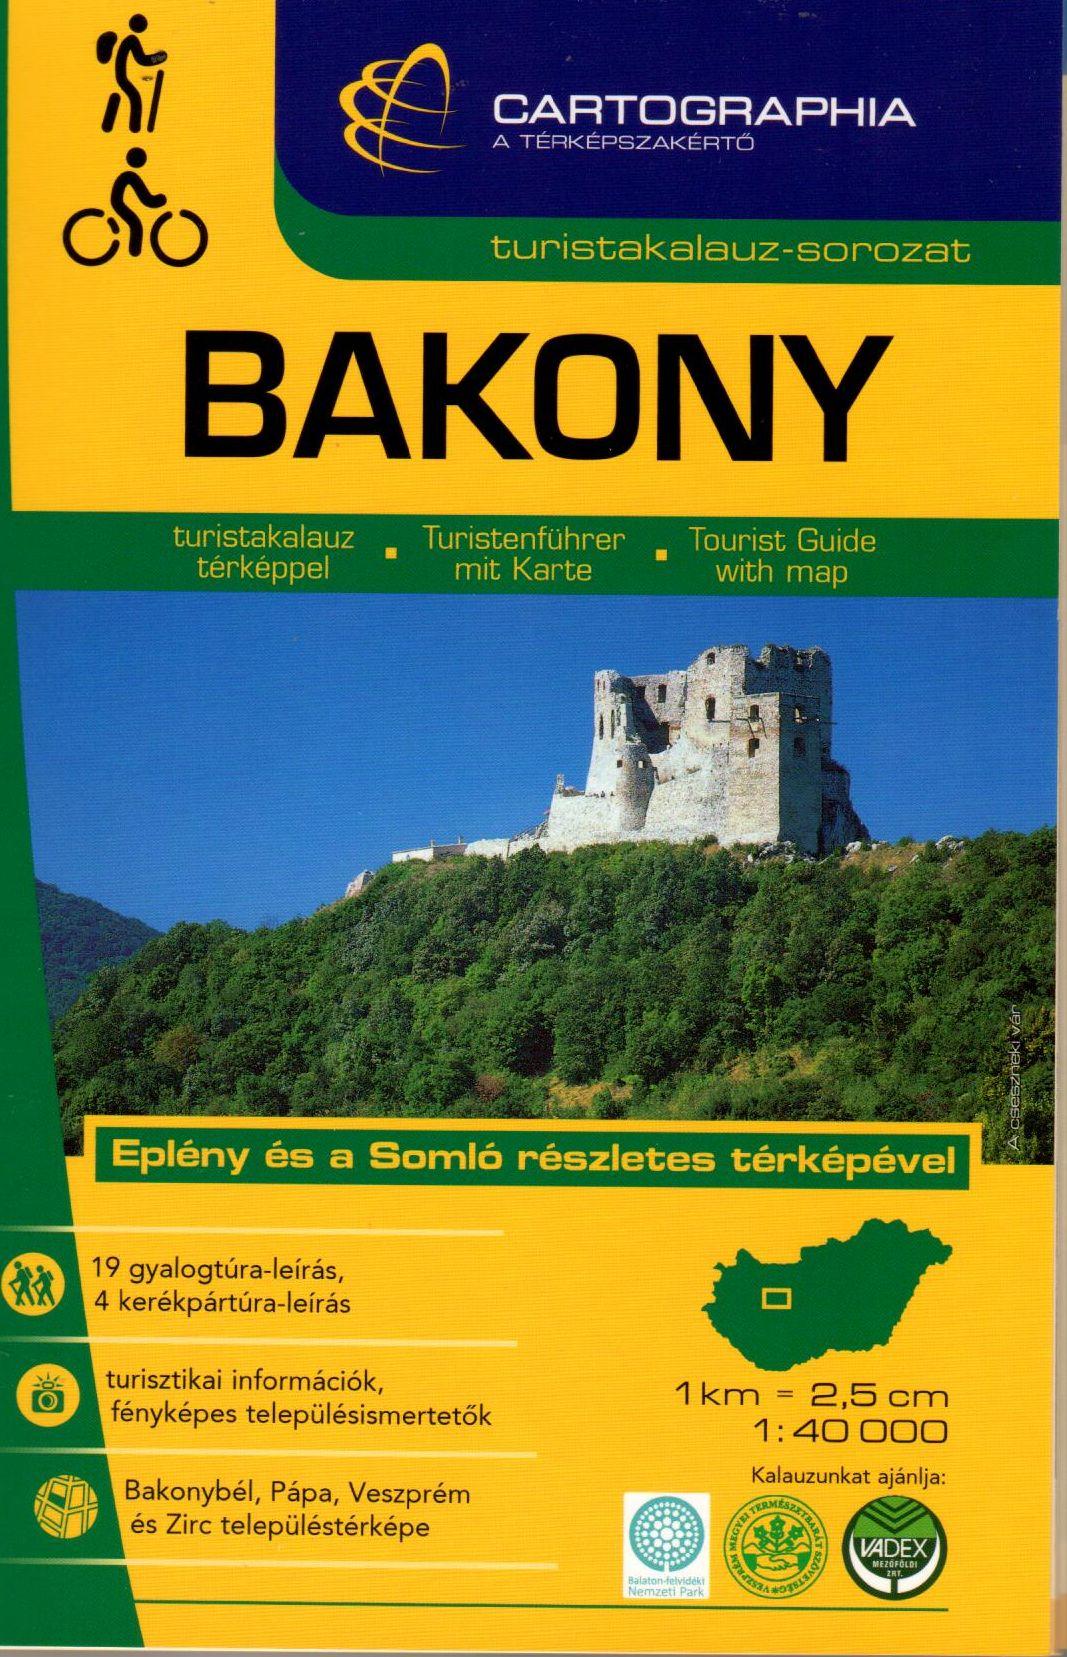 Eplény és a Somló részletes turistatérképe, Bakonybél, Pápa, Veszprém és Zirc várostérképe. 19 gyalogos és 4 kerékpáros túraleírás.